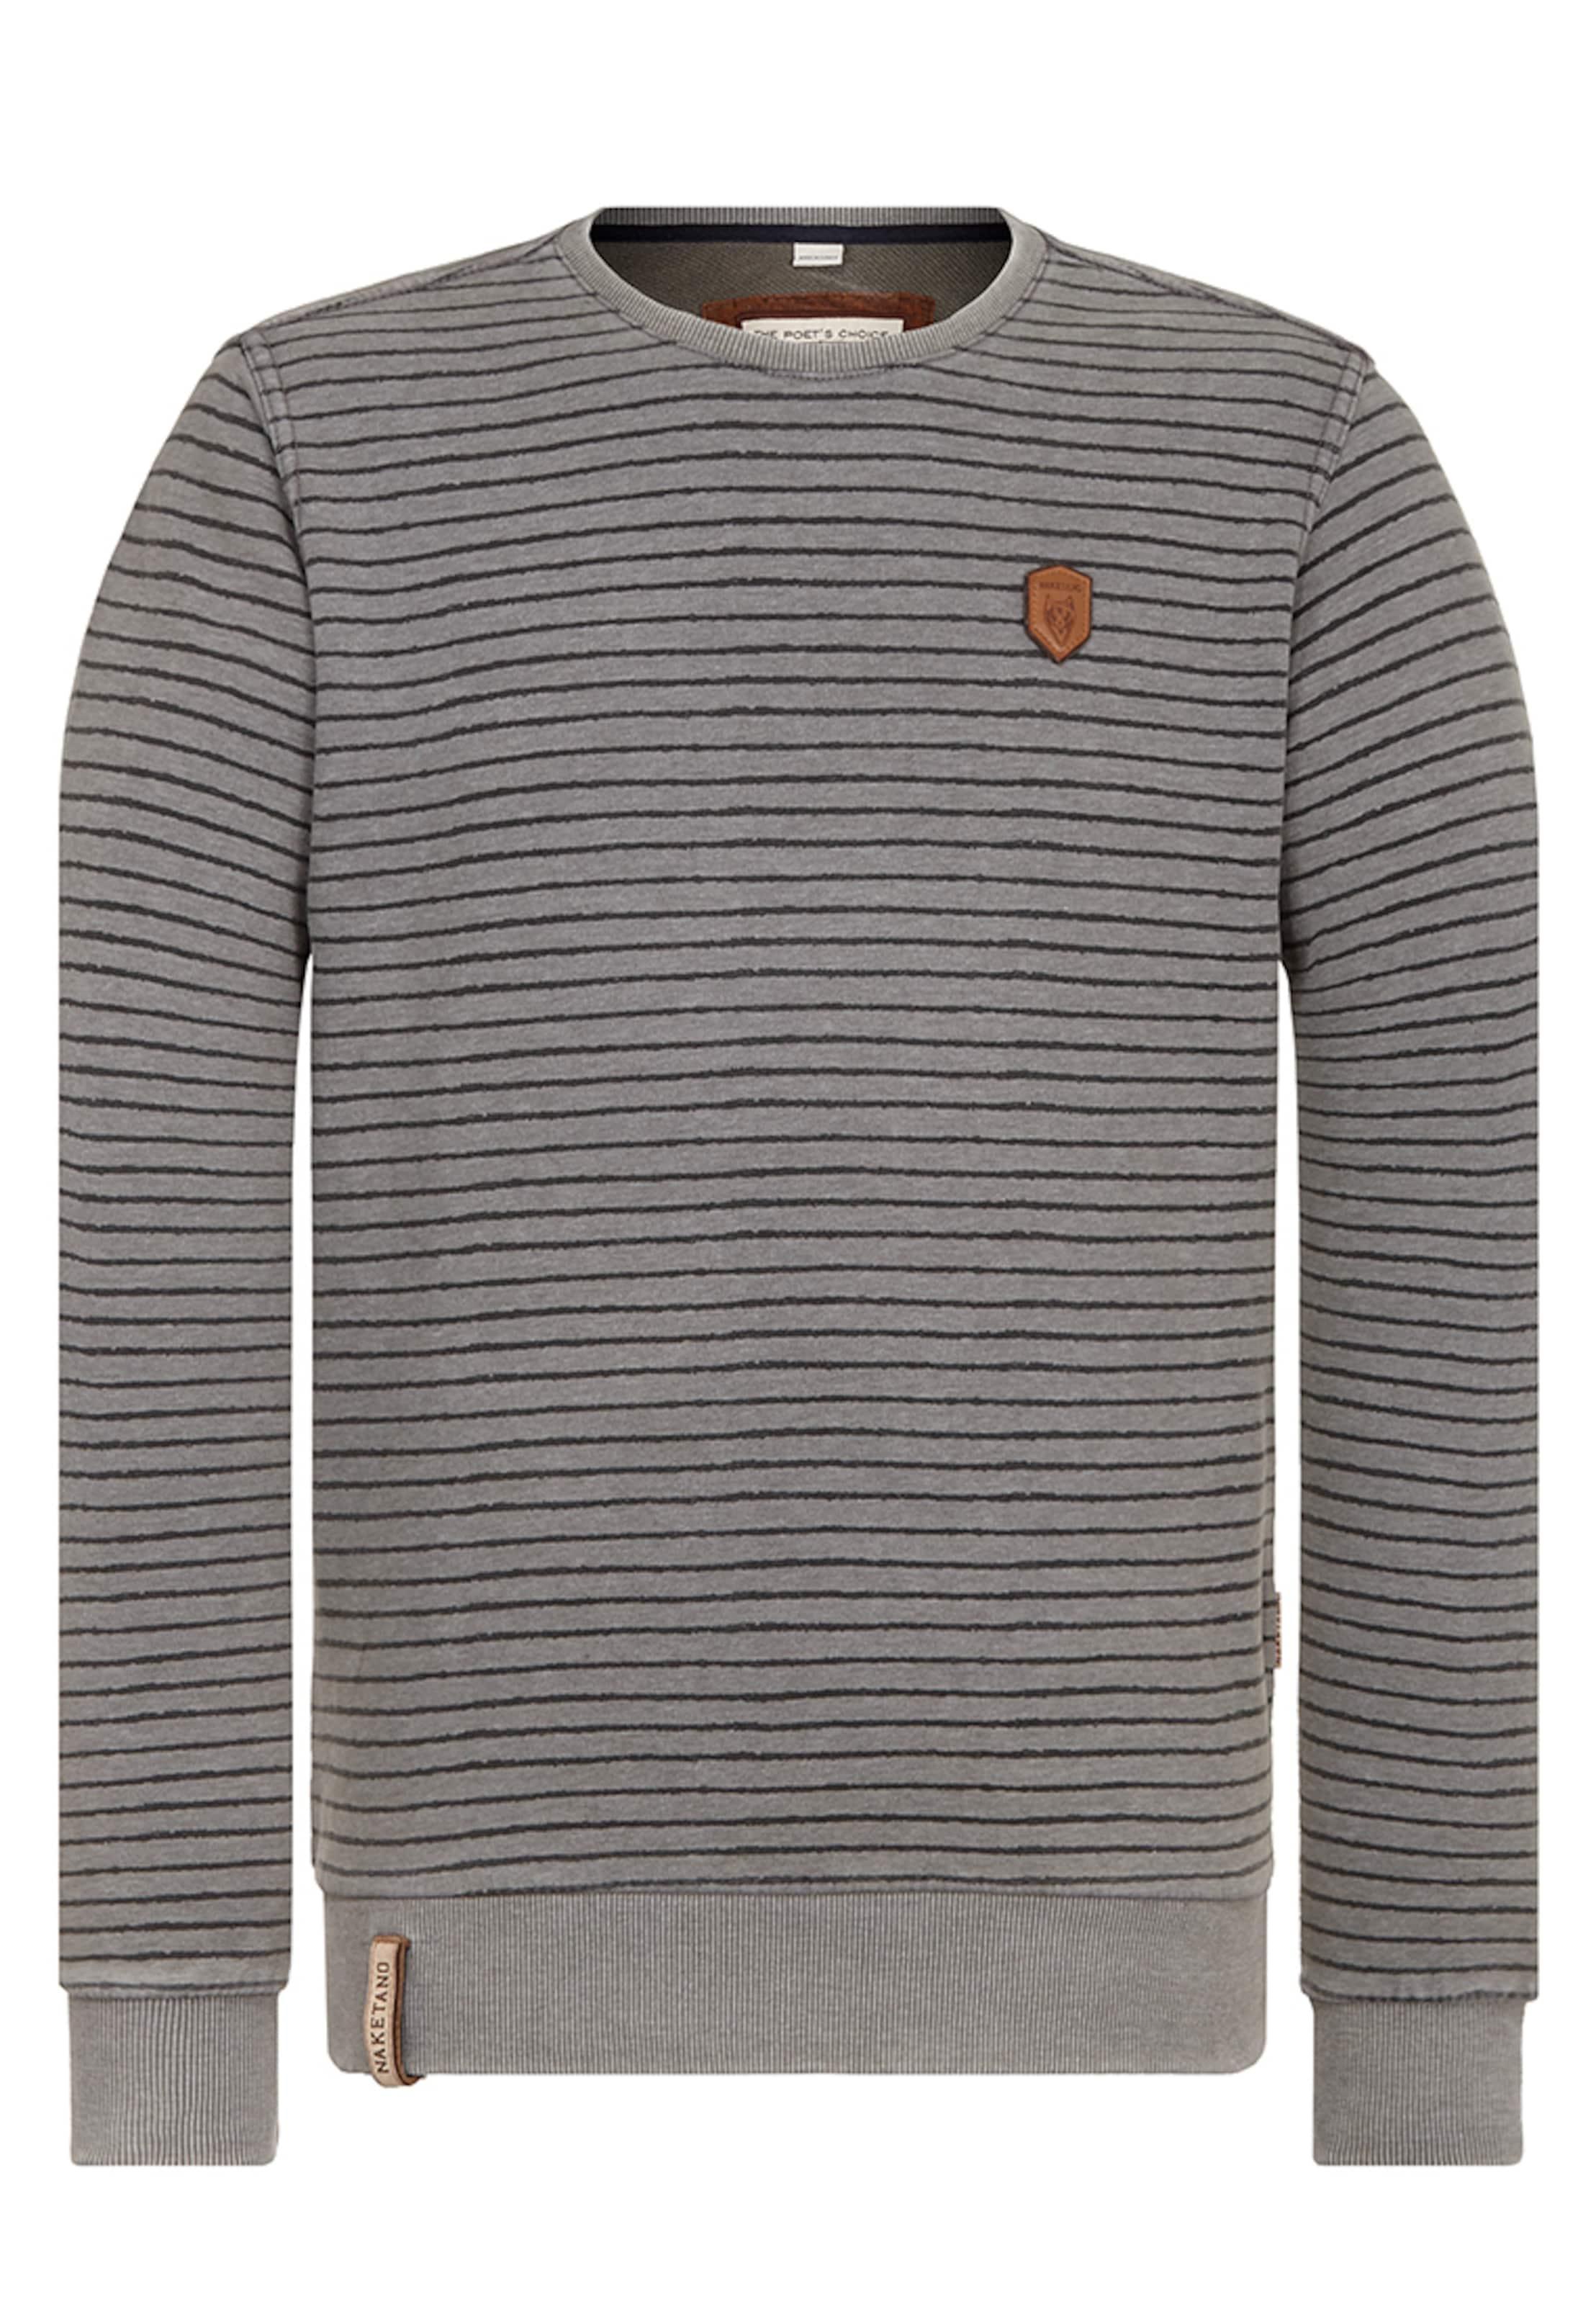 naketano Male Sweatshirt Anzuzeigen Günstigen Preis Zu Verkaufen Fabrikpreis Günstig Kaufen Manchester Großen Verkauf Perfekt FHDx9FvKD